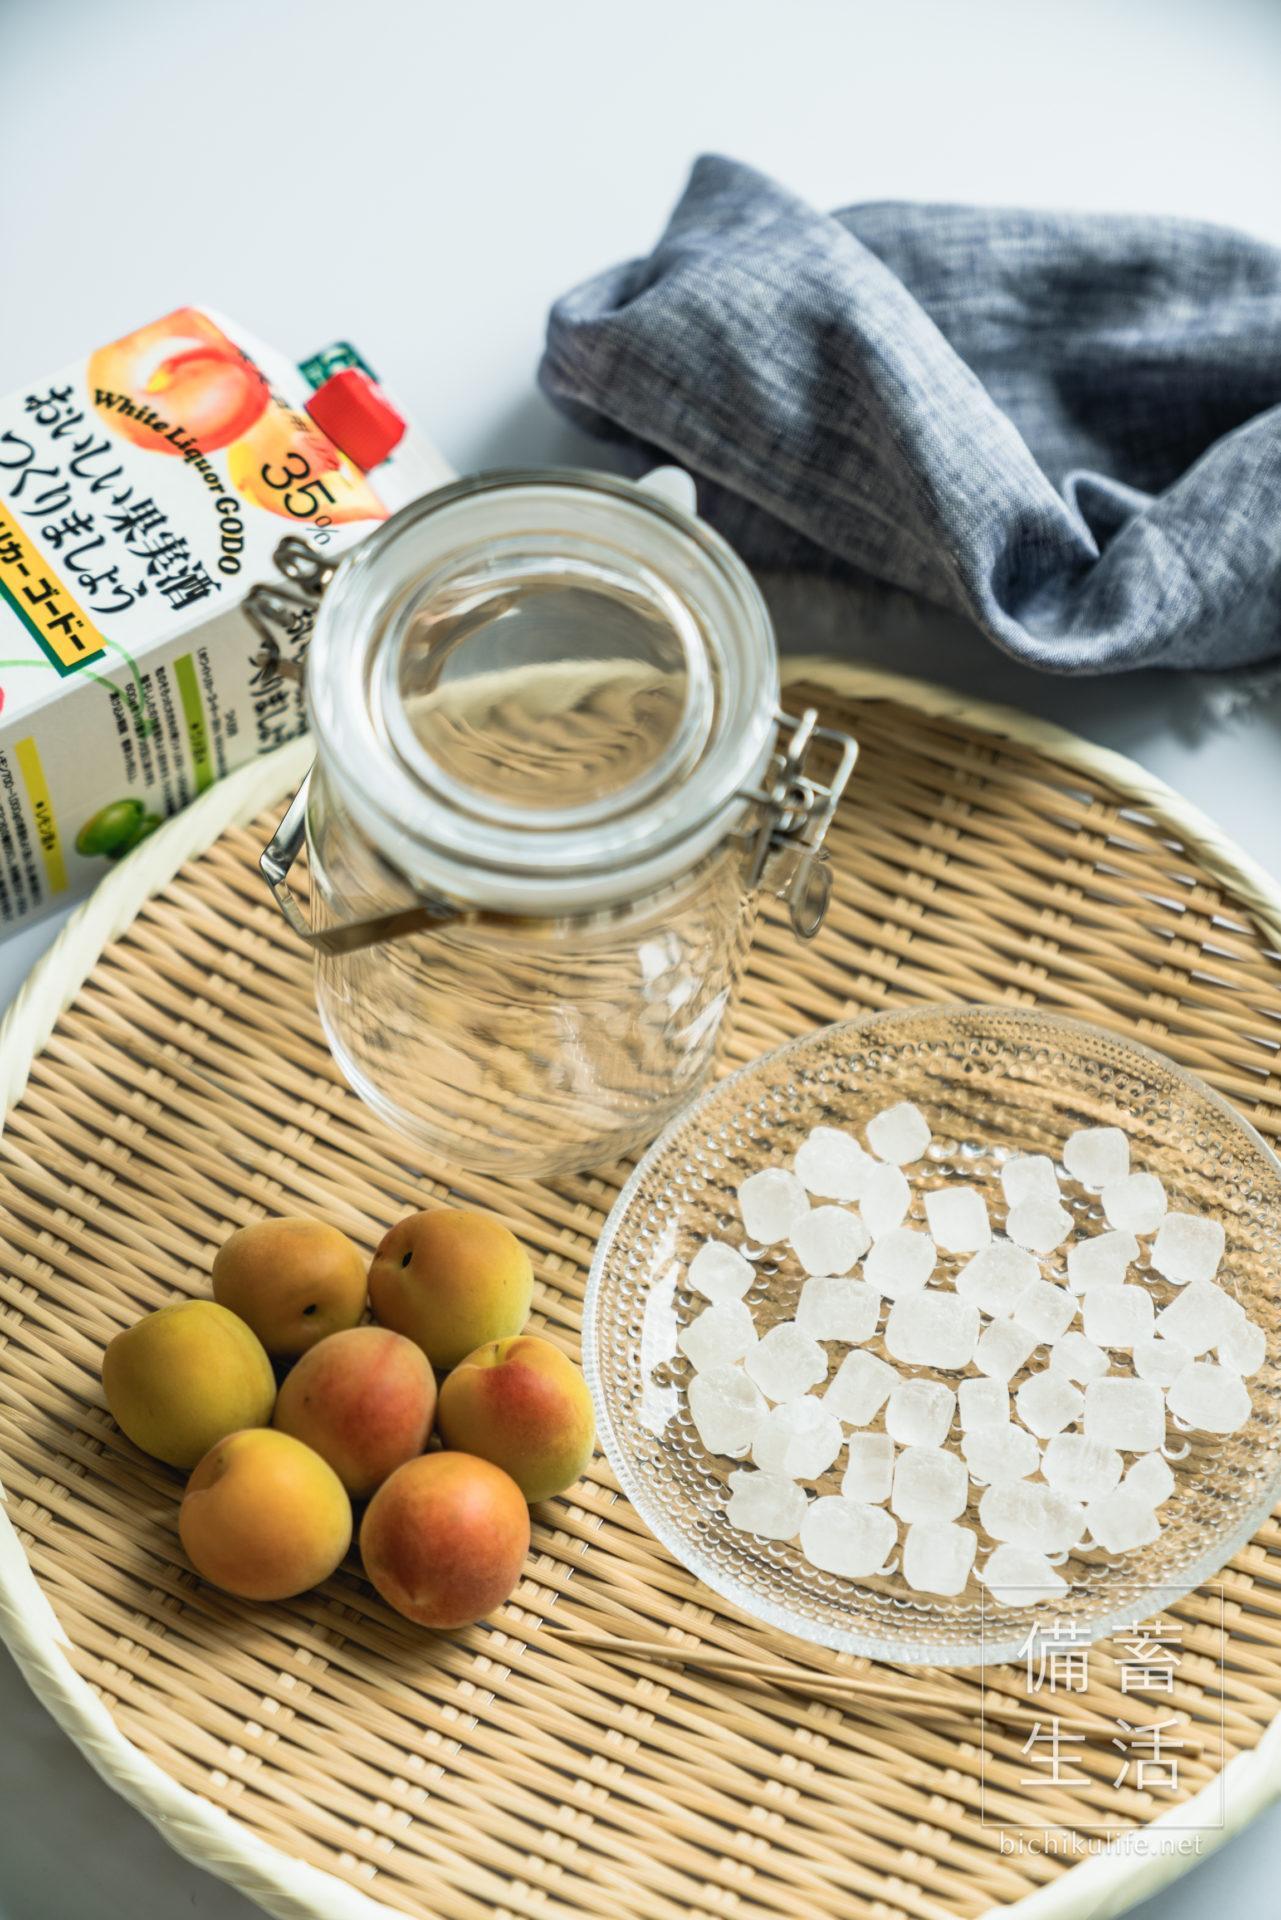 梅酒づくり 自家製梅酒を作るアイデア、完熟南高梅の自家製梅酒の材料と道具